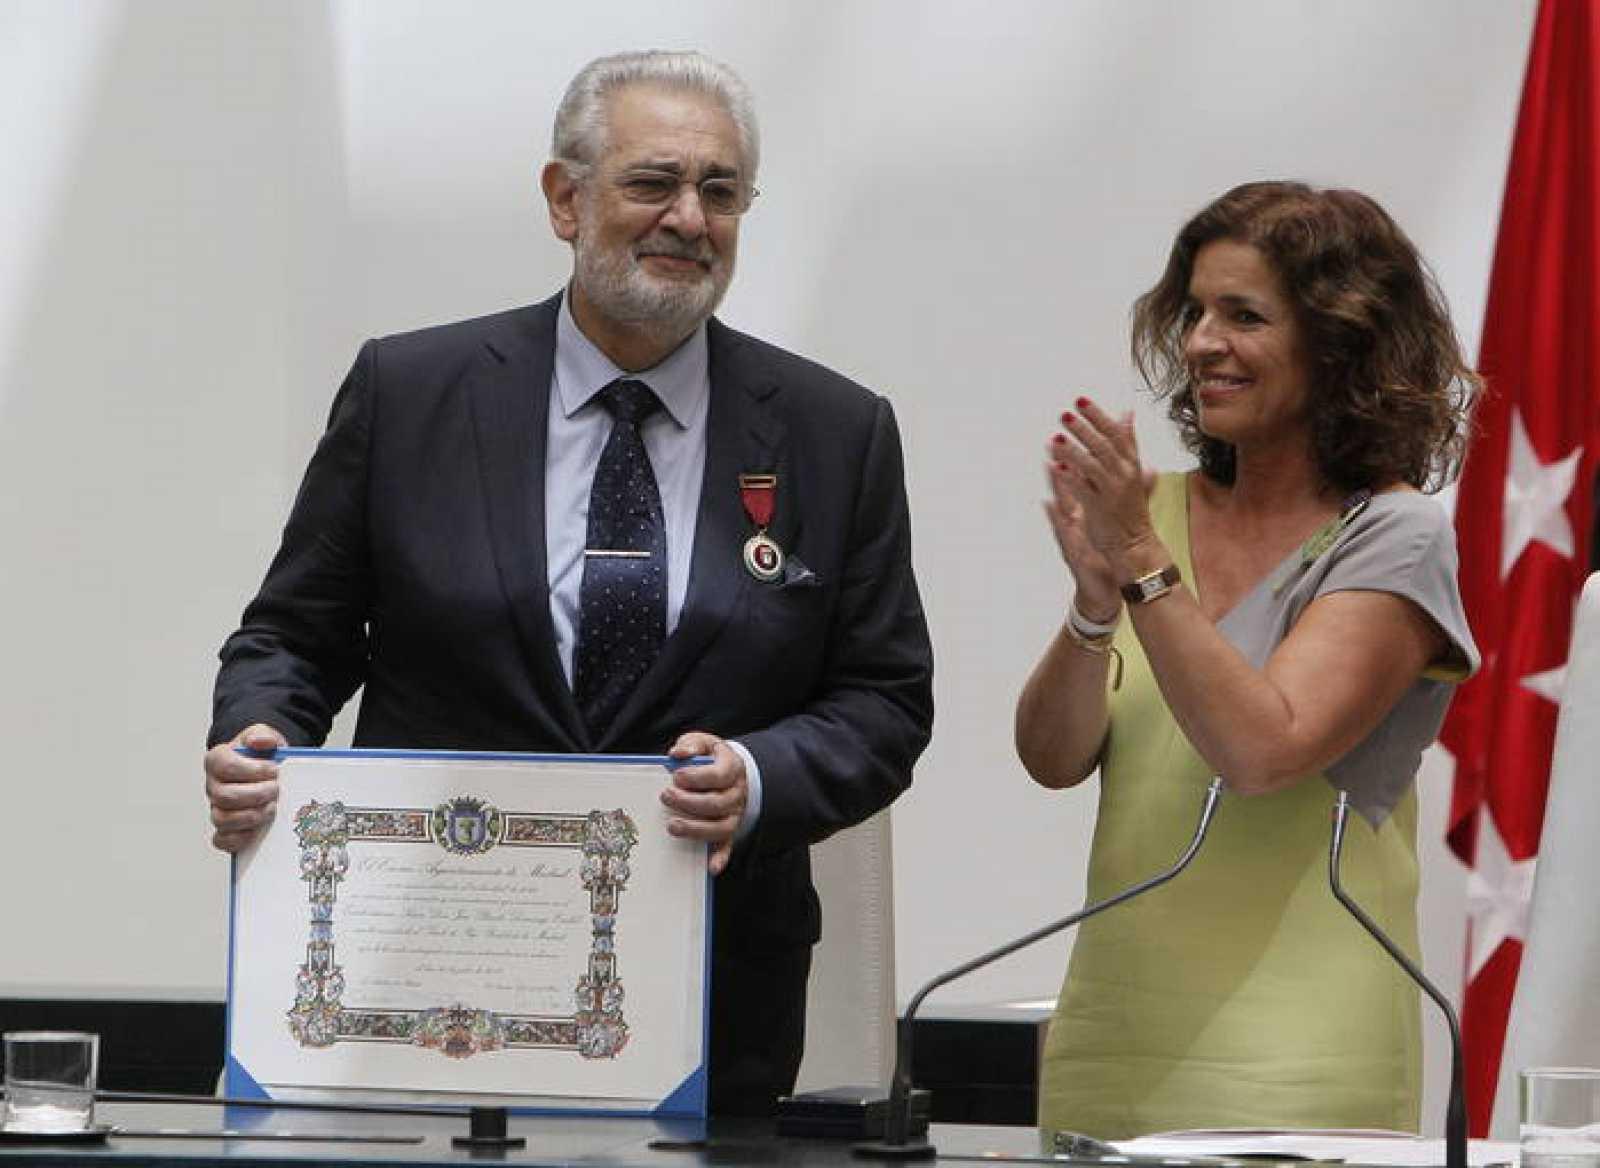 Ana Botella aplaude al tenor Plácido Domingo tras hacerle entrega este miércoles del título de Hijo Predilecto de Madrid,